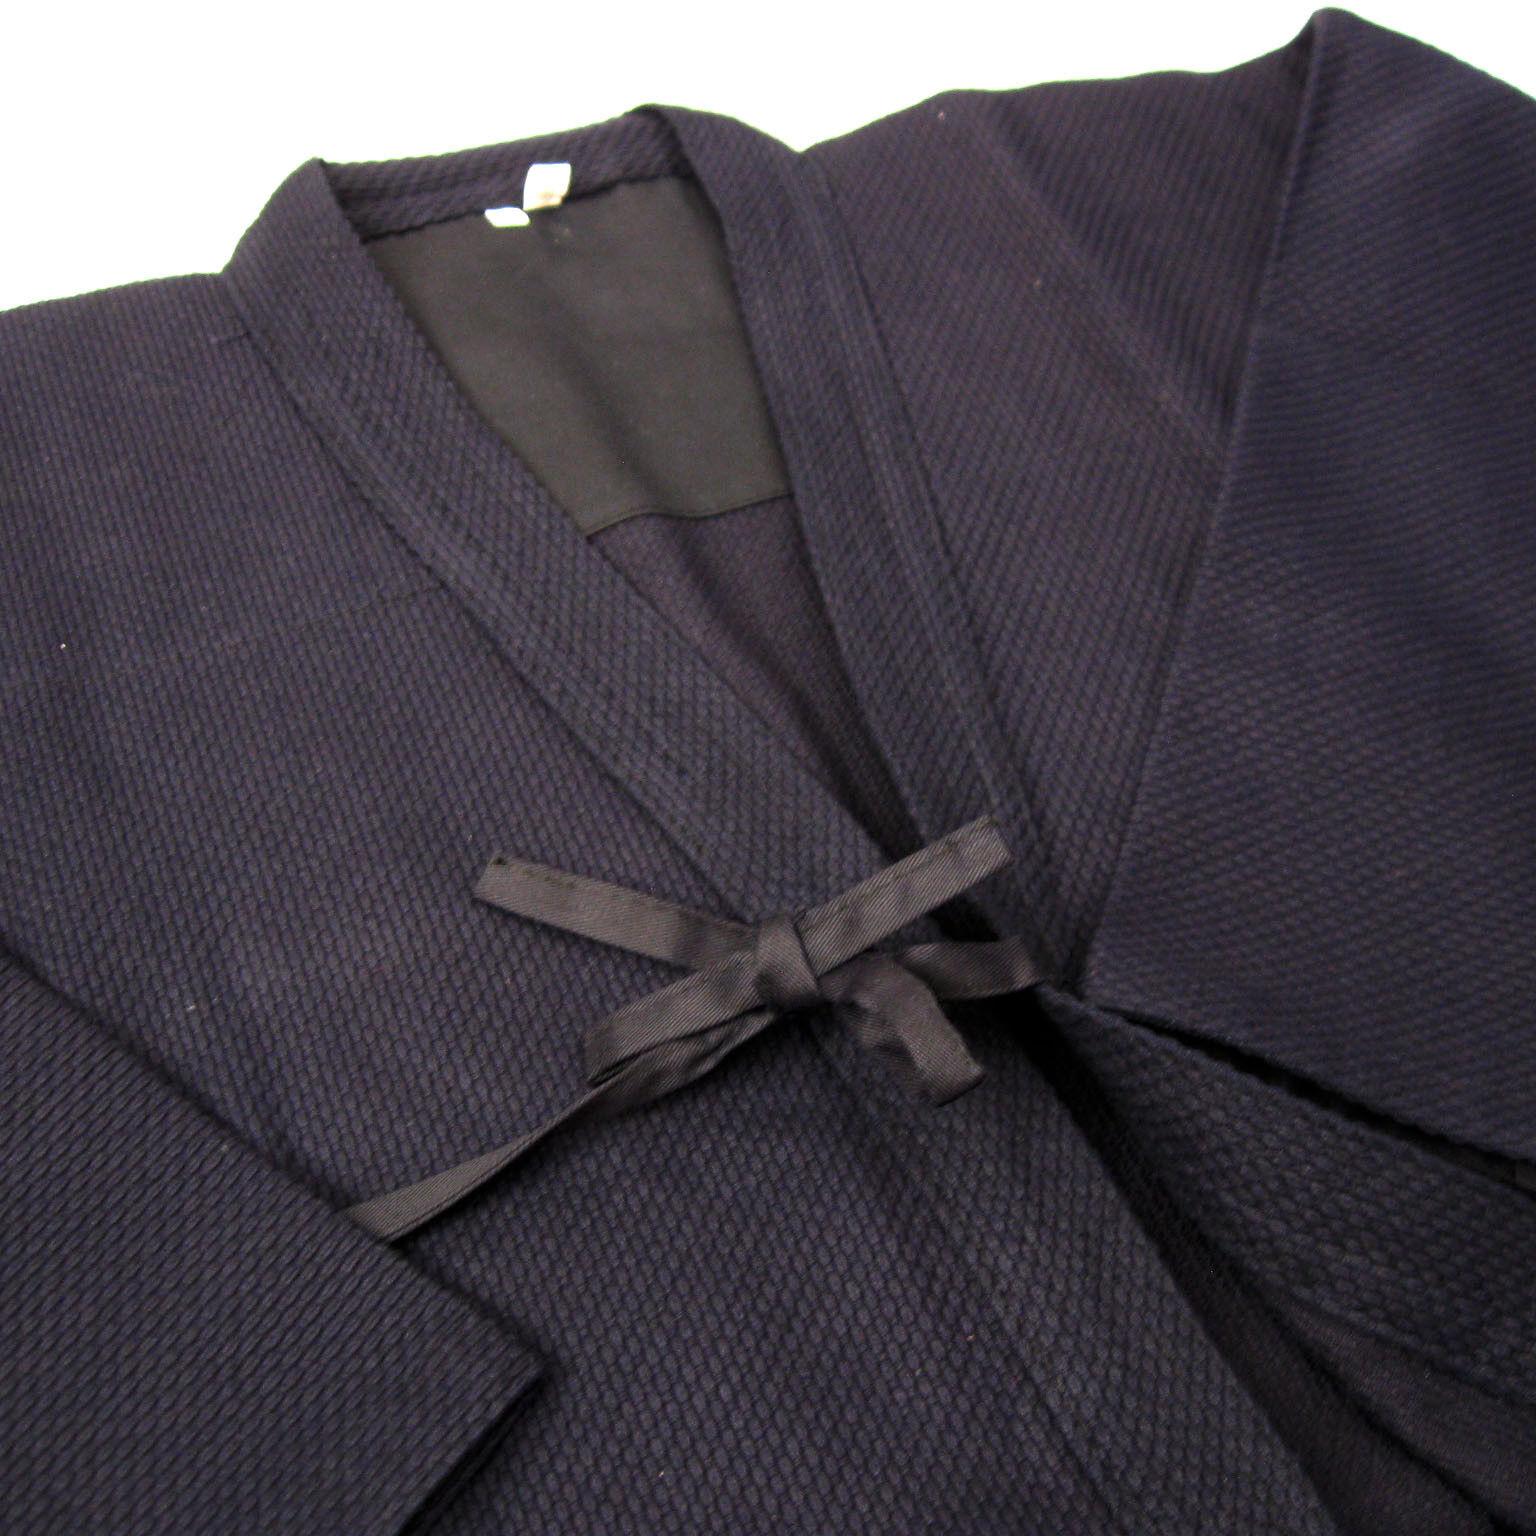 Kendo Aikido Iaido Gi Uniforms Navy bluee